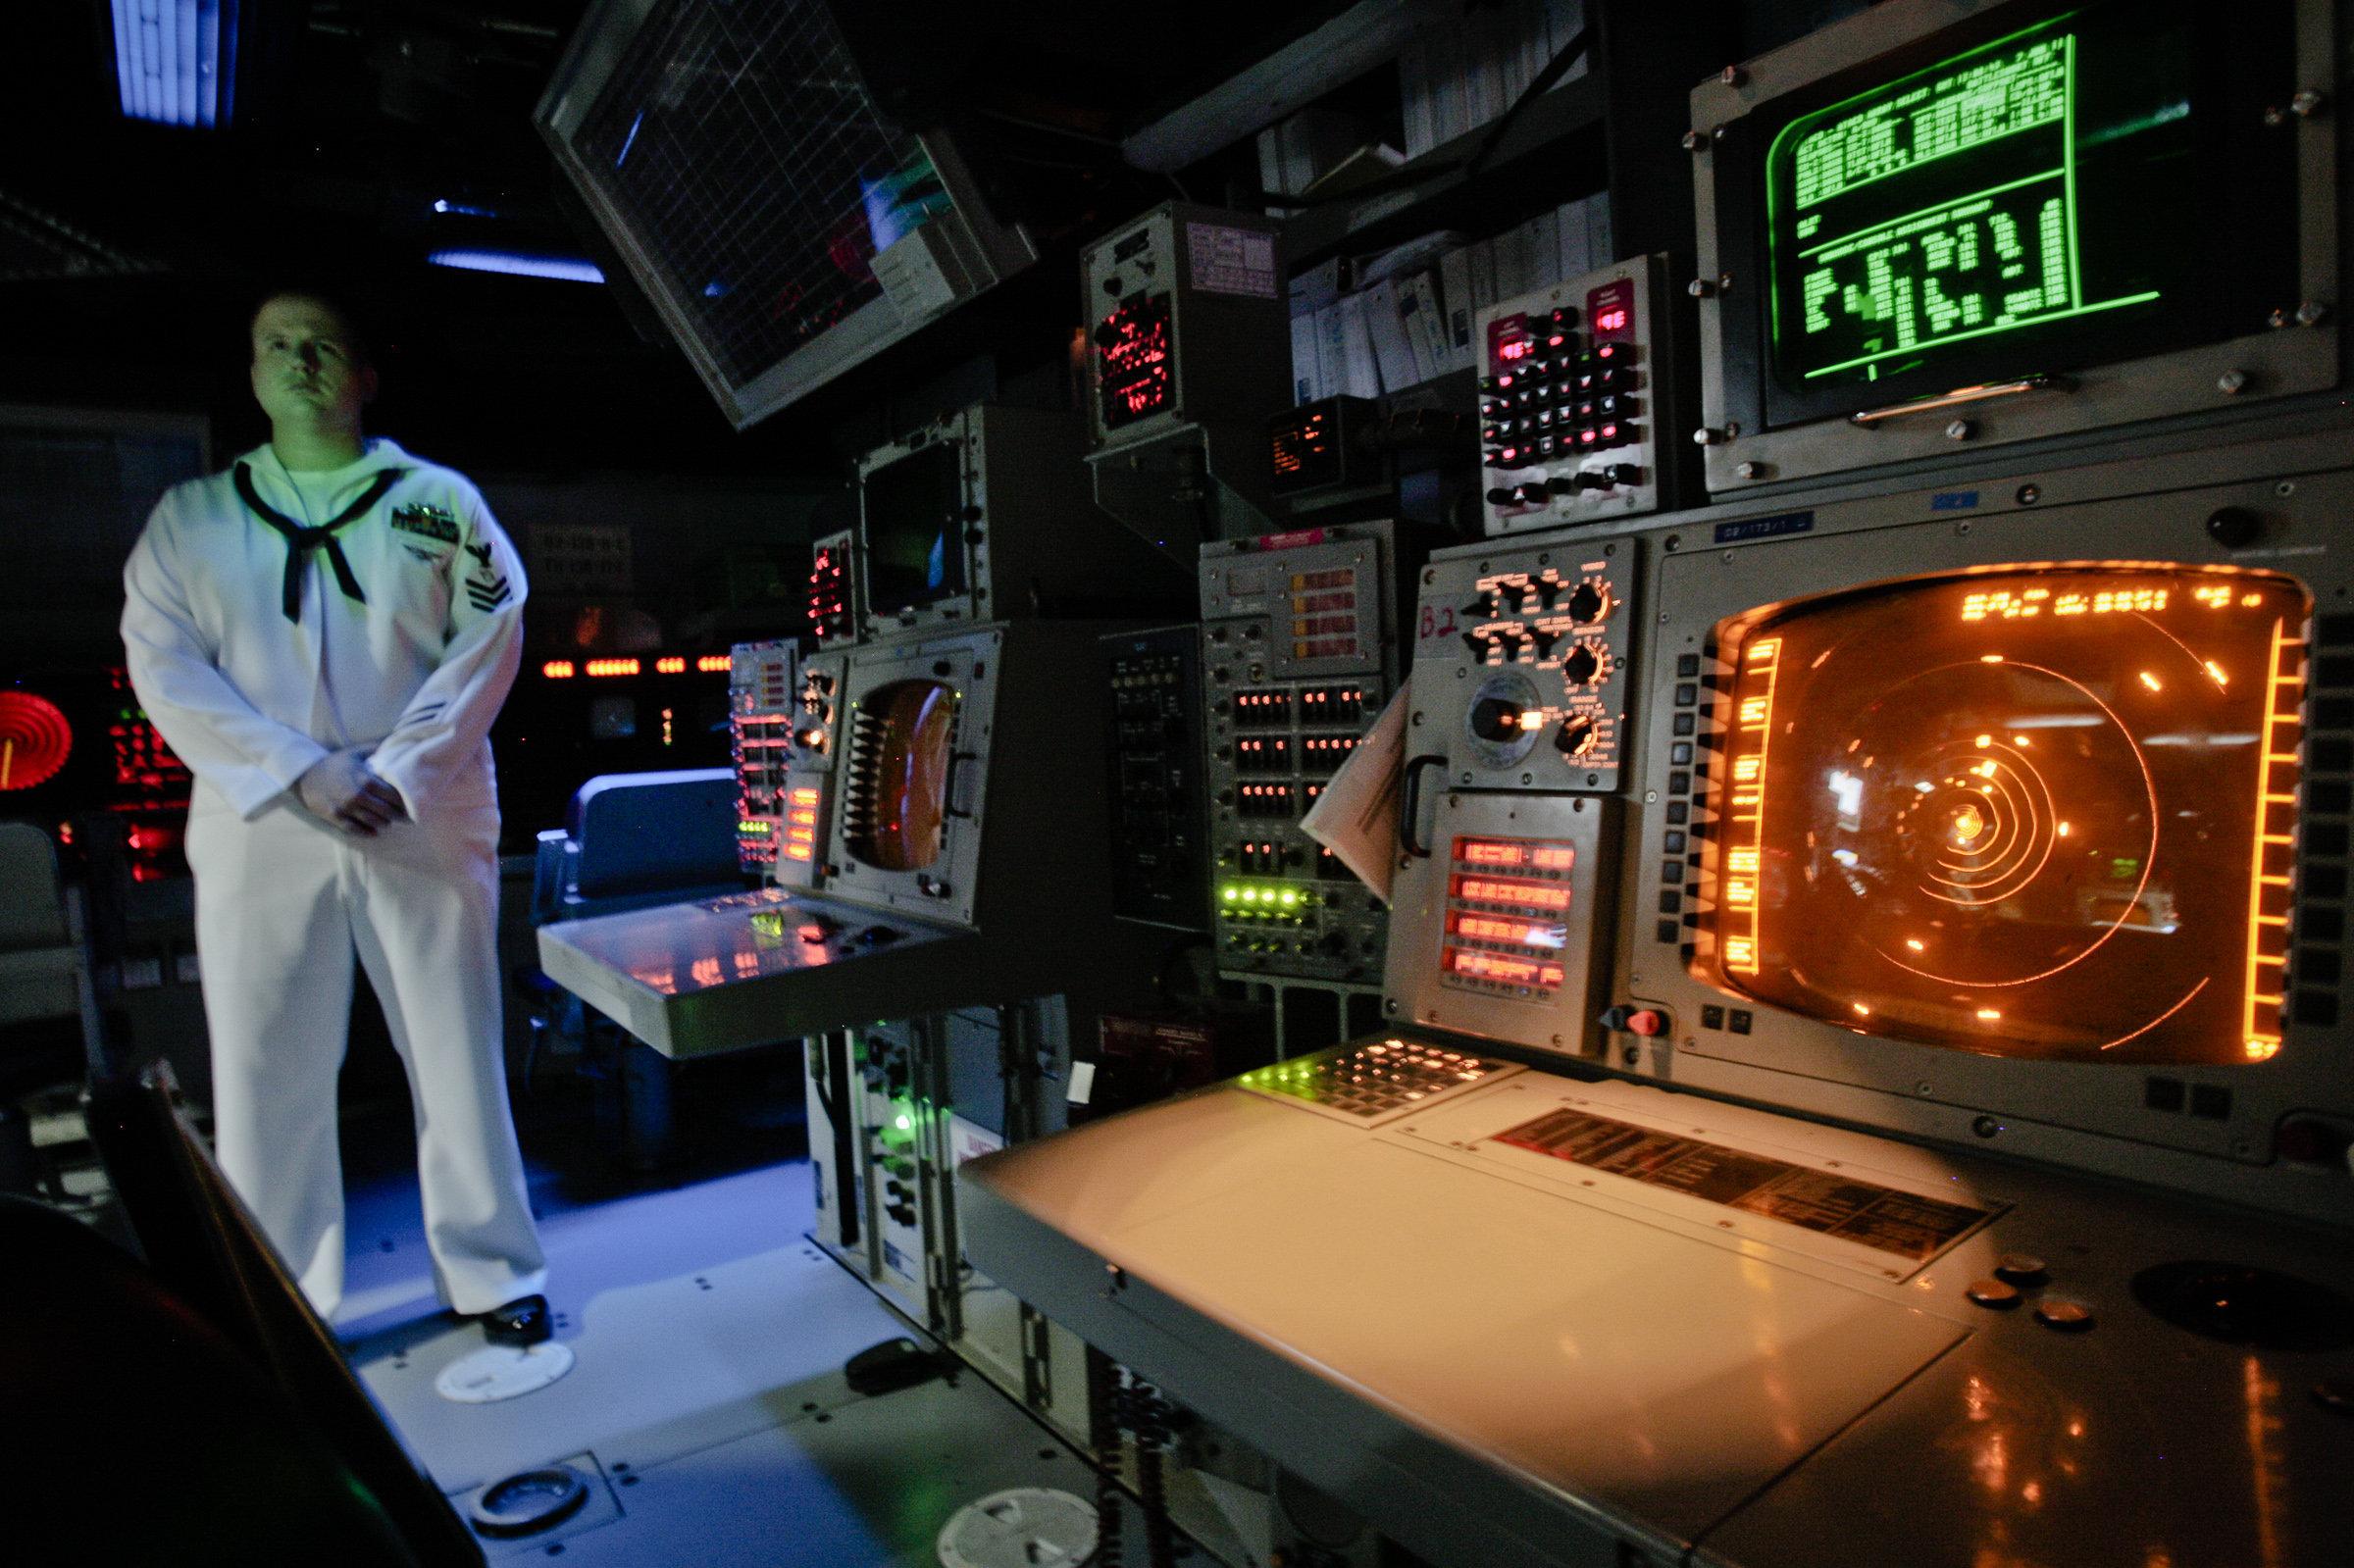 Oficial de la Marina de Estados Unidos en la sala de control del sistema Aegis del buque de guerra durante ejercicios militares en Rumania, 7 de junio de 2011